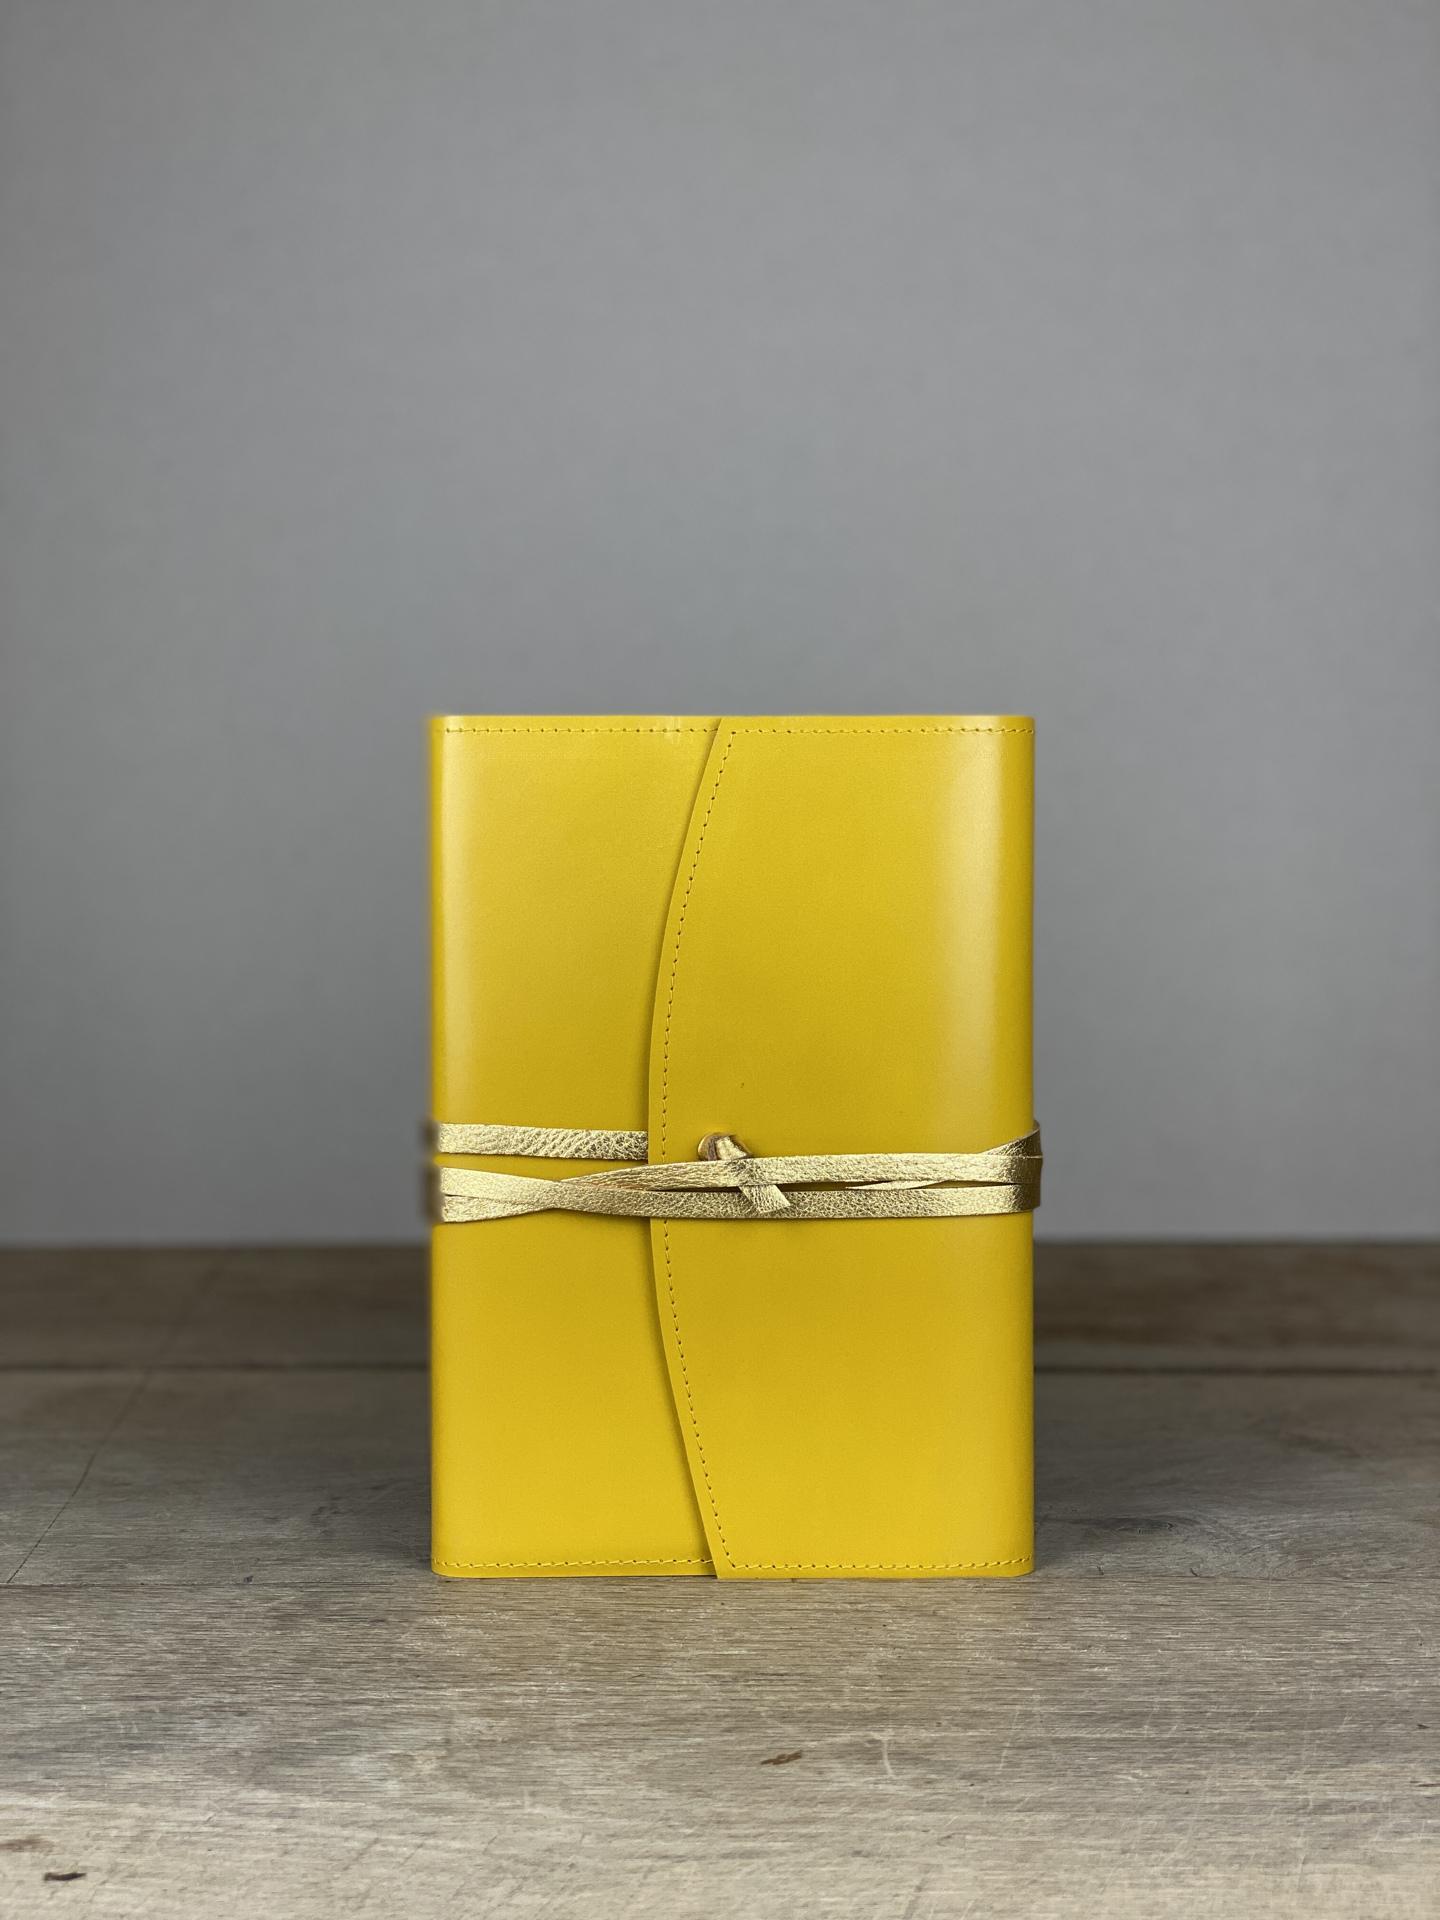 Notizbuch Leder gelb/gold